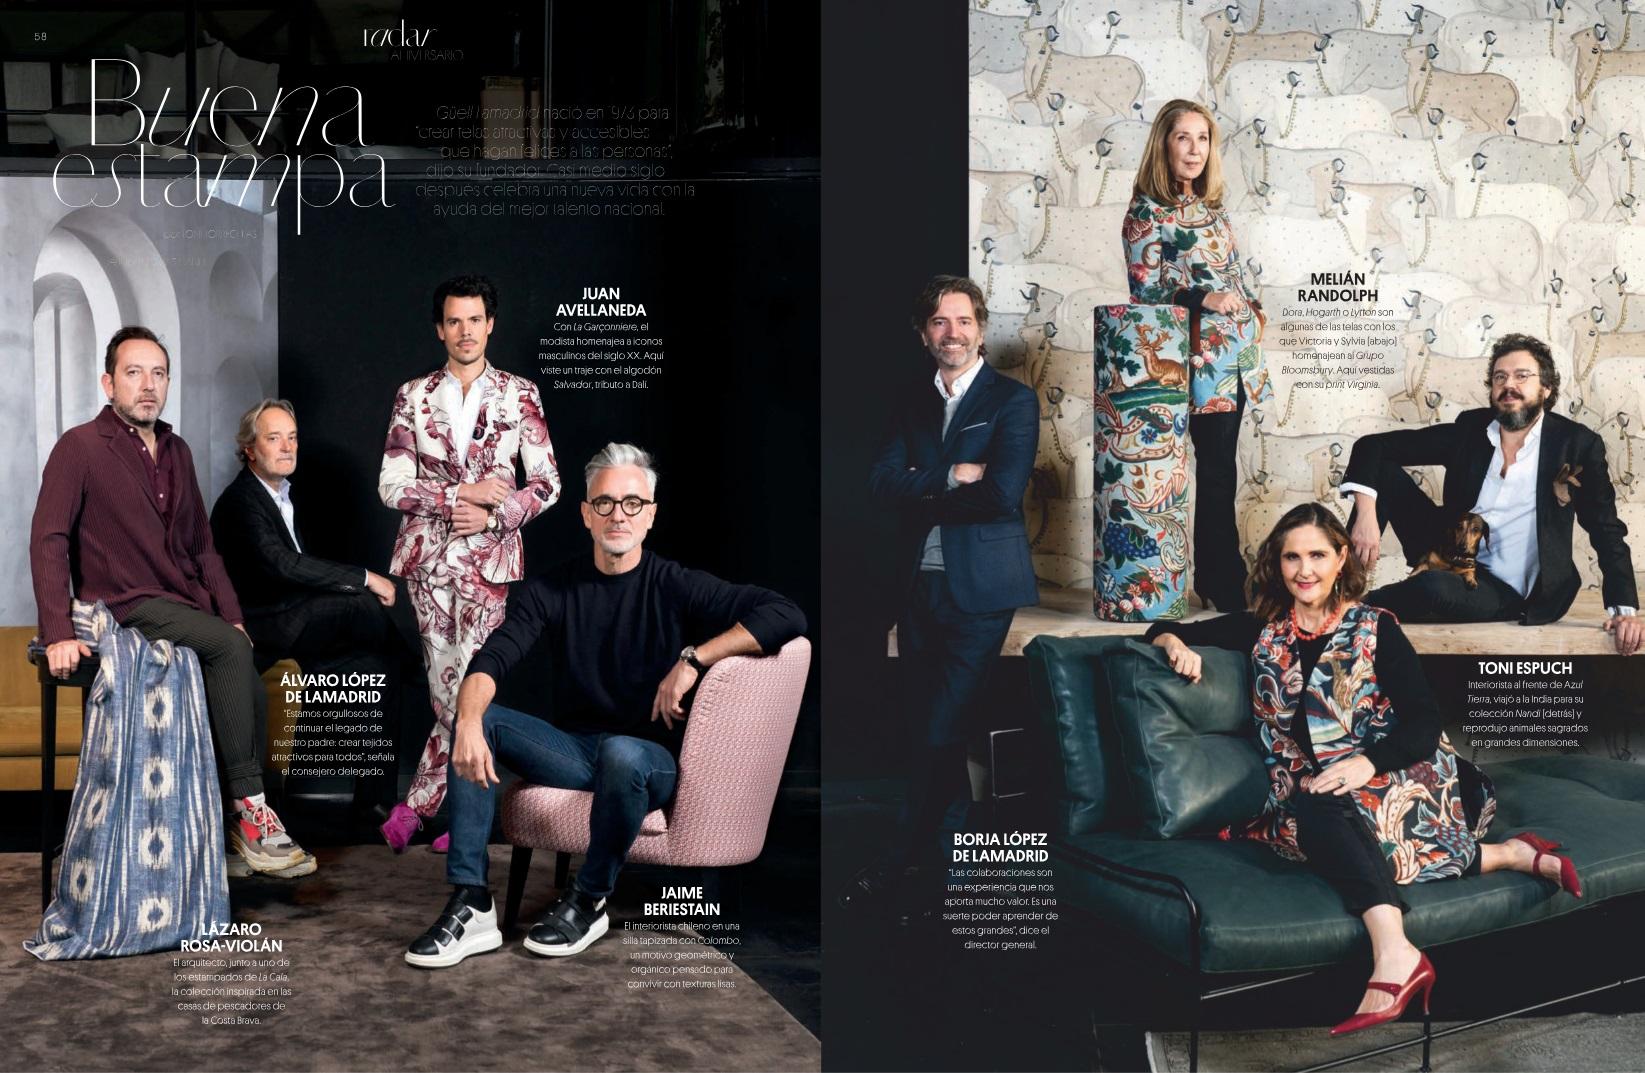 marzo_coleccion-guell_bloomsbury_revista-ad_melian-randolph_interiorismo_telas_1